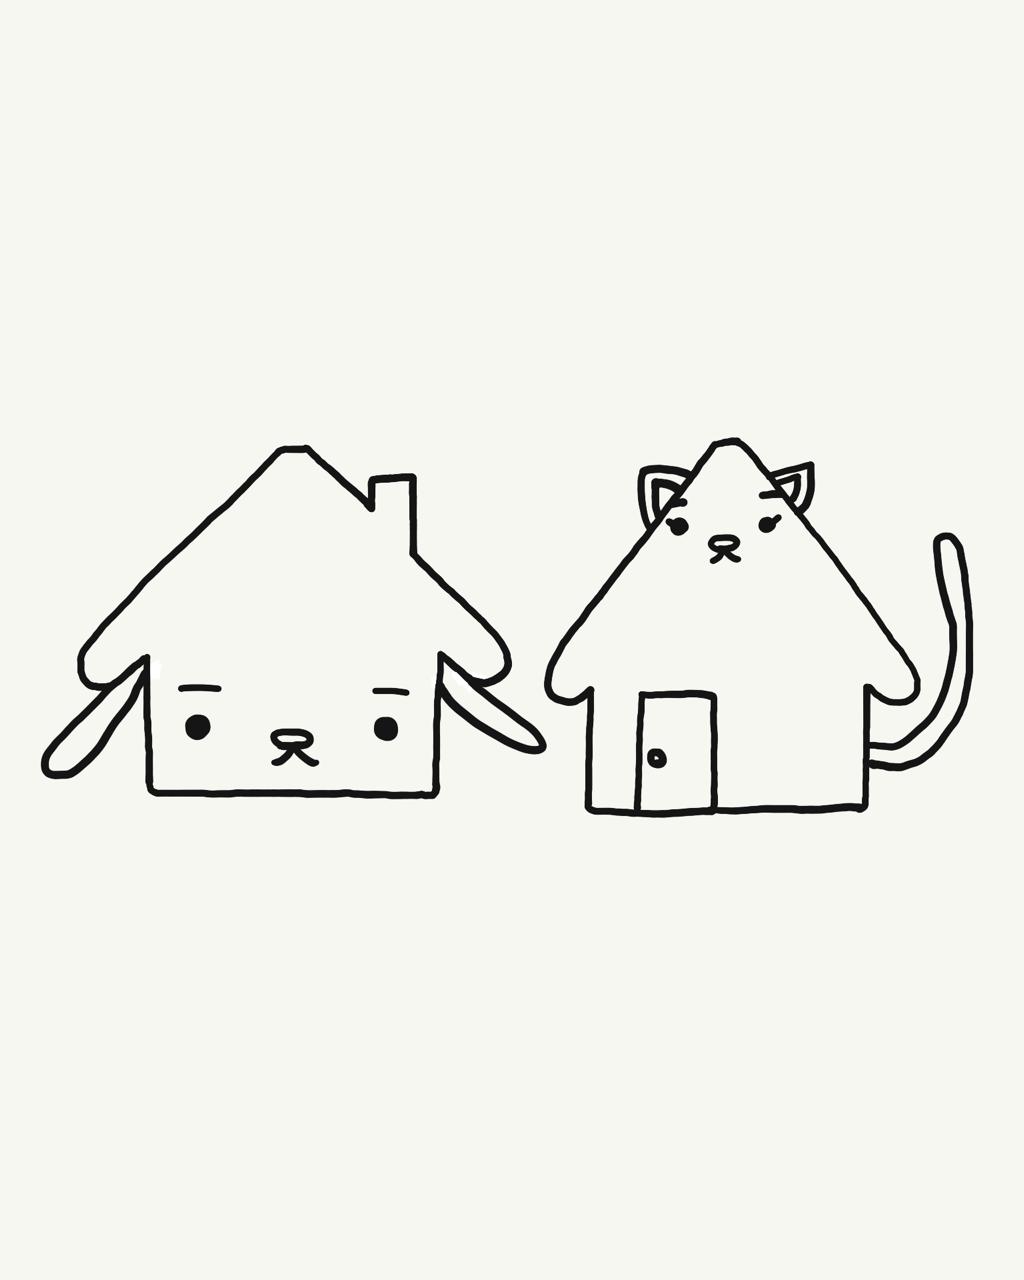 #今日は何の日 #住宅デー   #漫画 #1コマ漫画 #キャラクターイラスト #犬イラスト #猫イラスト #住宅 #housing 